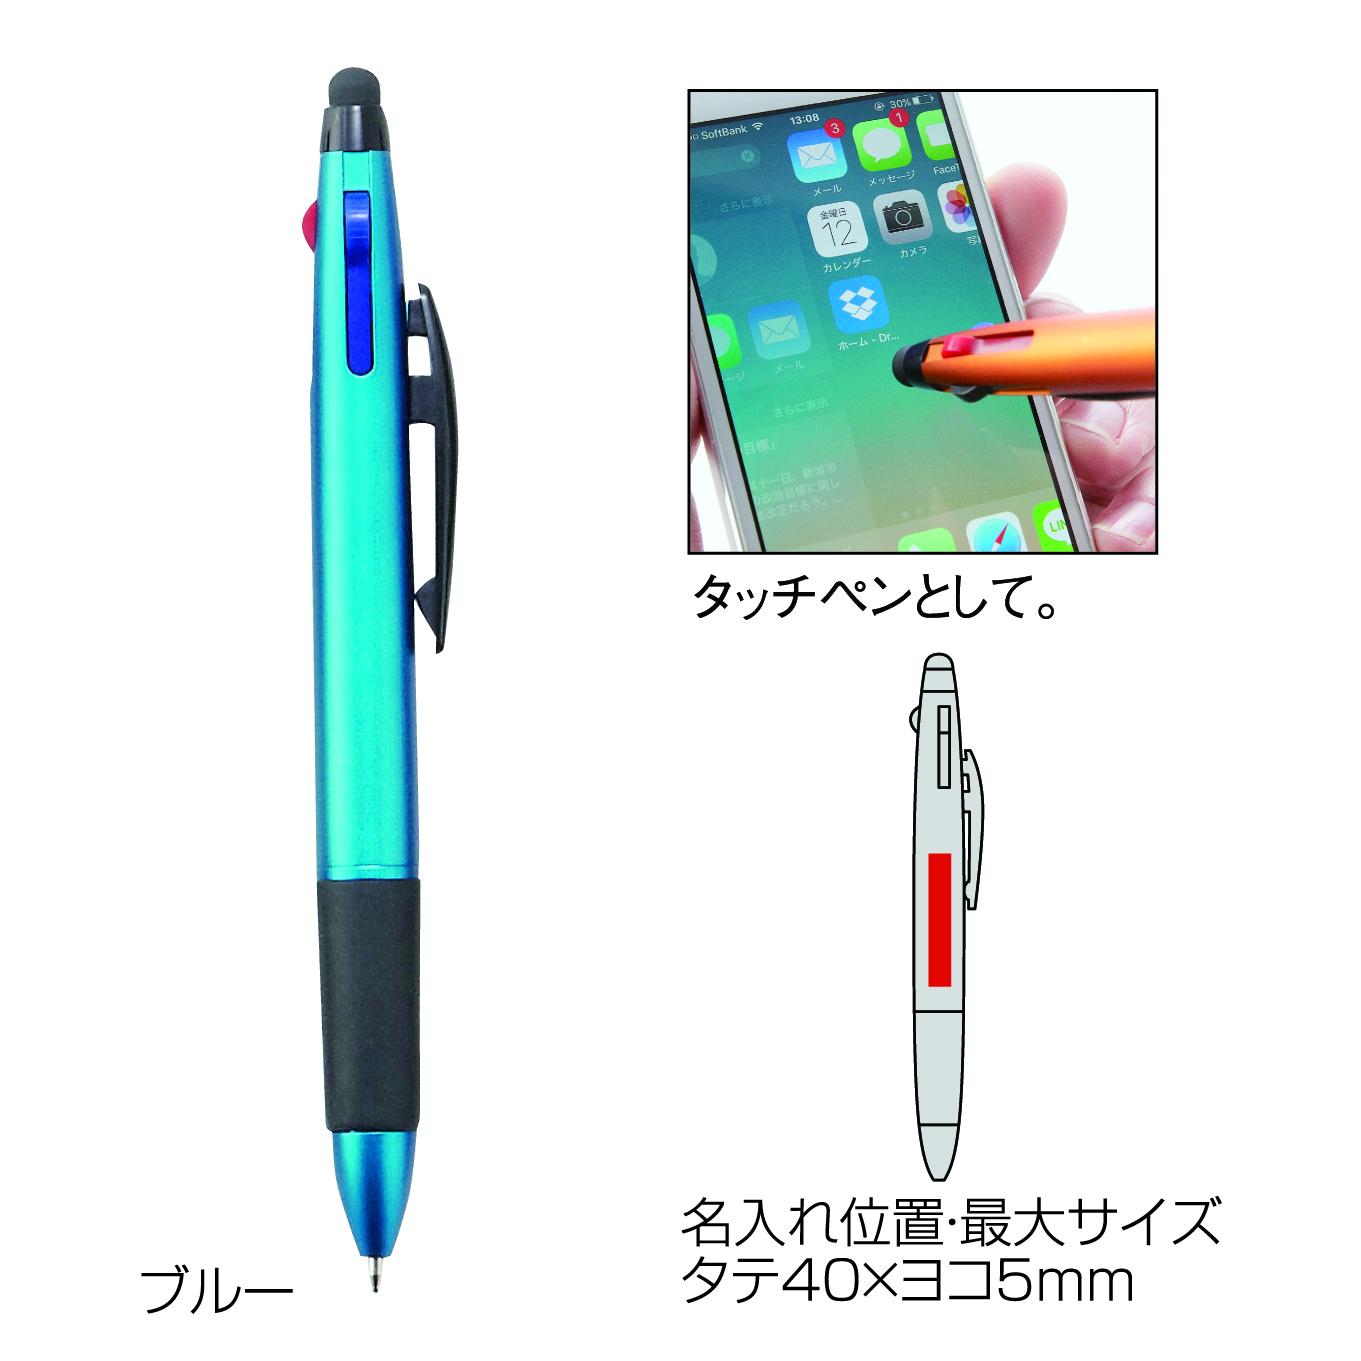 セルトナ・タッチ&3色ボールペン(ブルー)